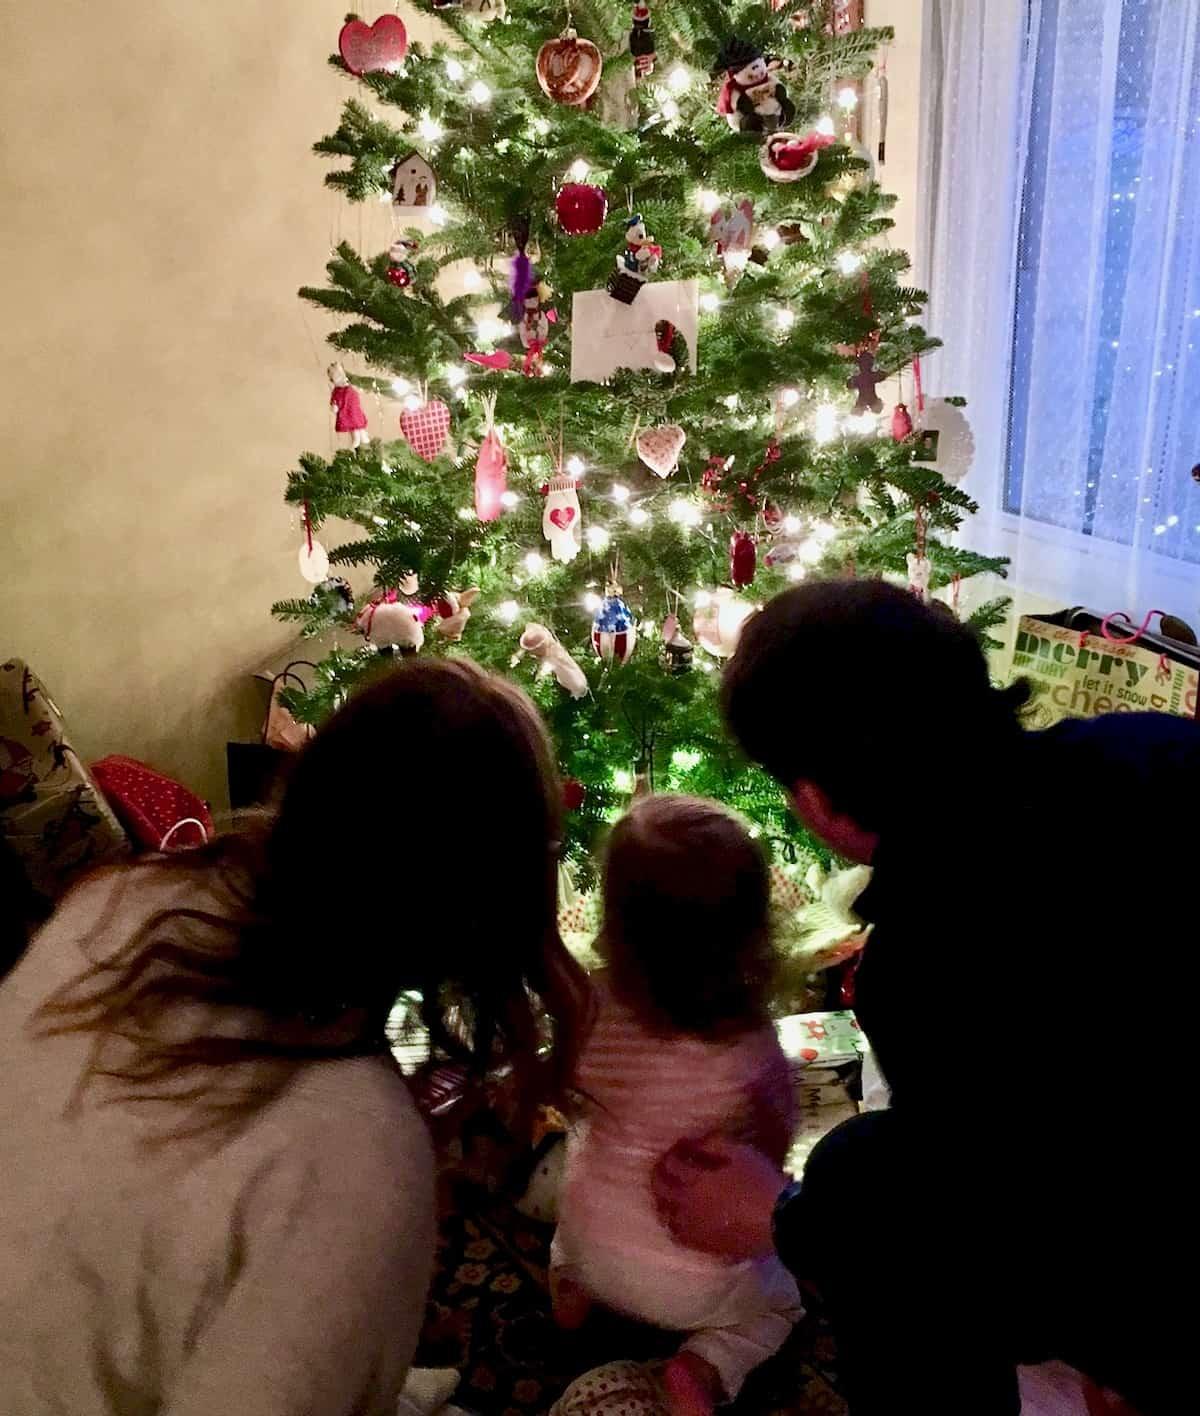 family around xmas tree are good gifts